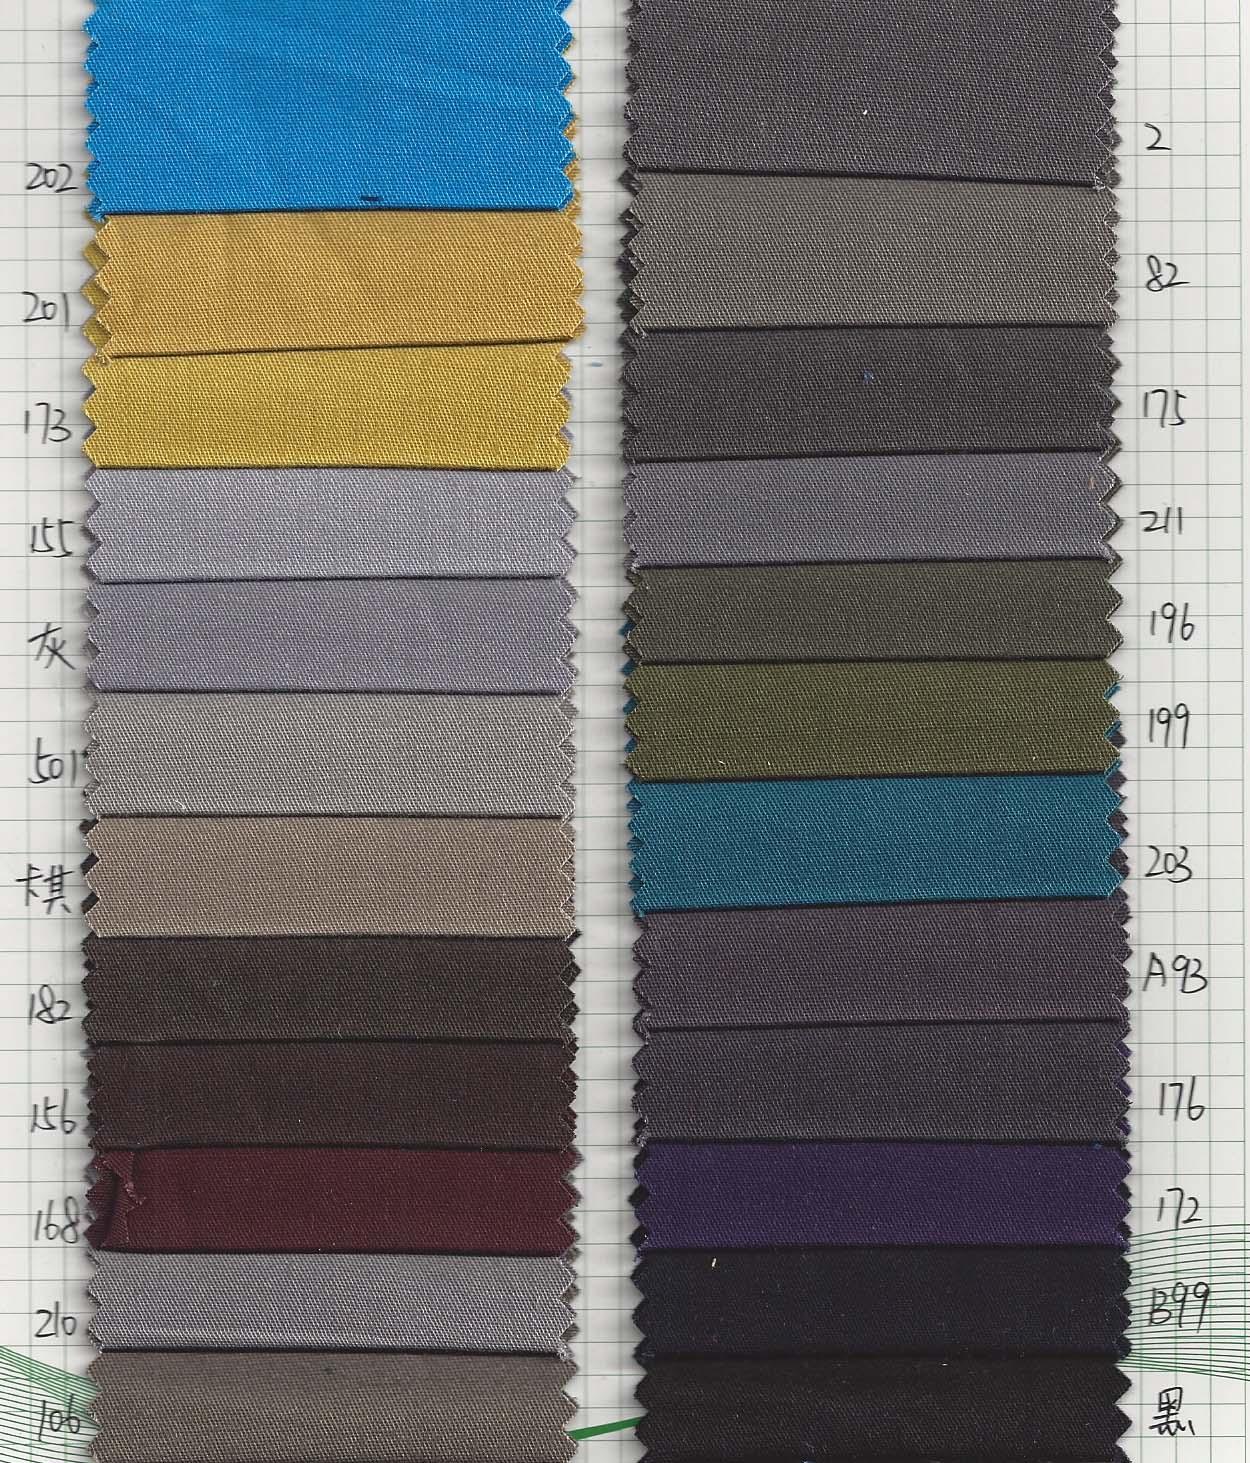 Textile Da Yuan YX7201-2.jpg